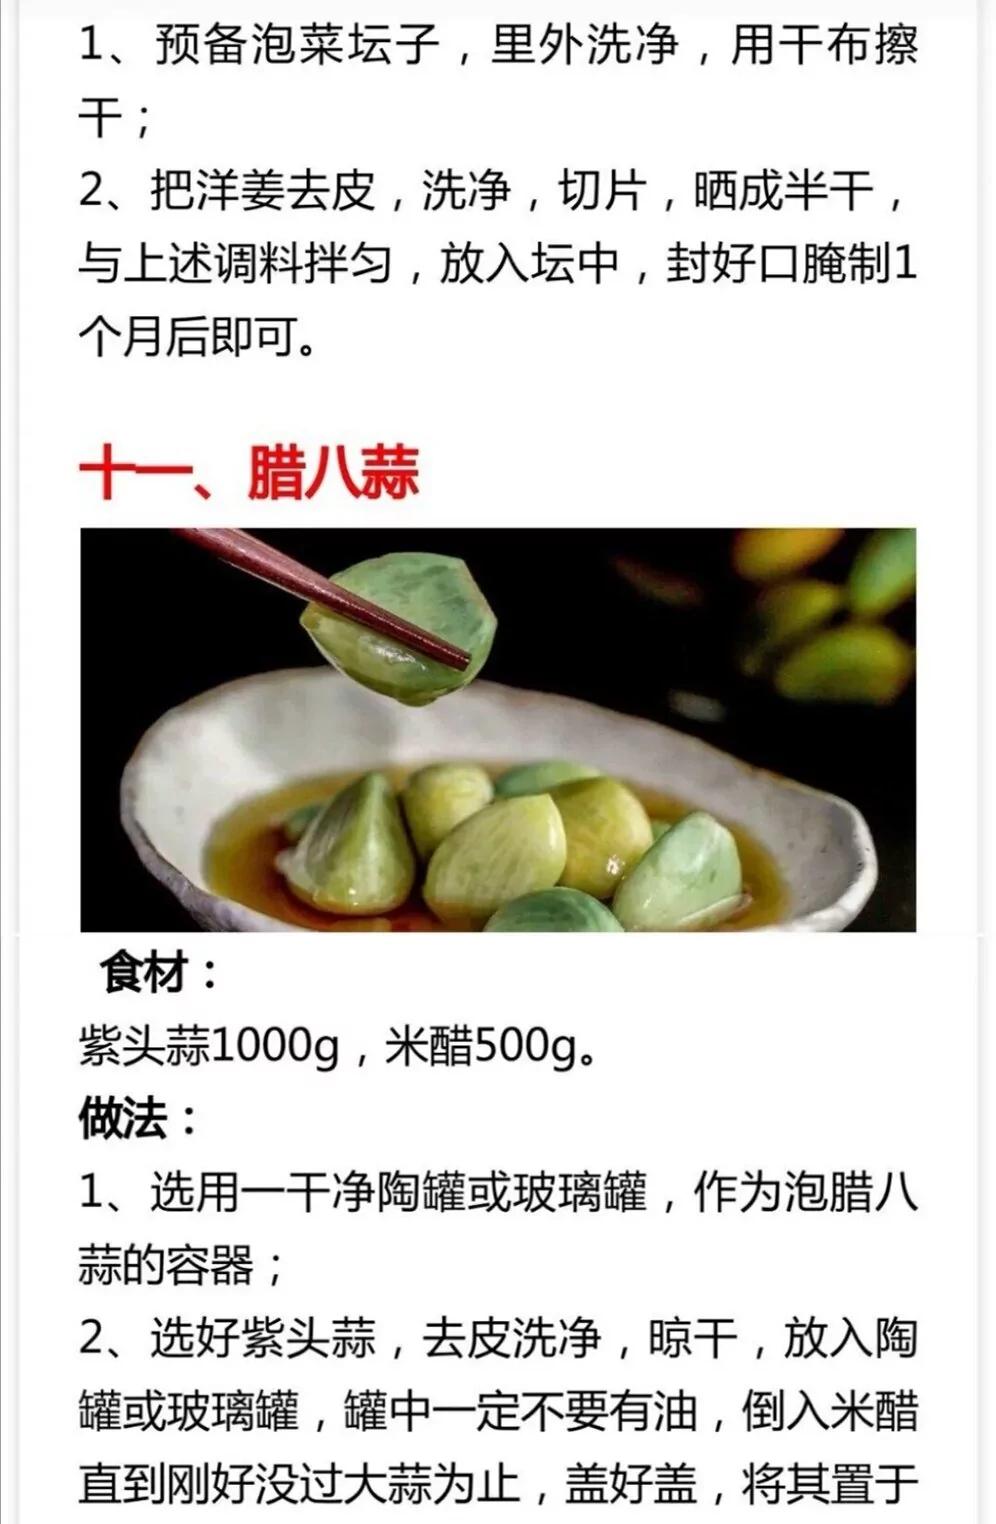 咸菜做法及配料 美食做法 第18张